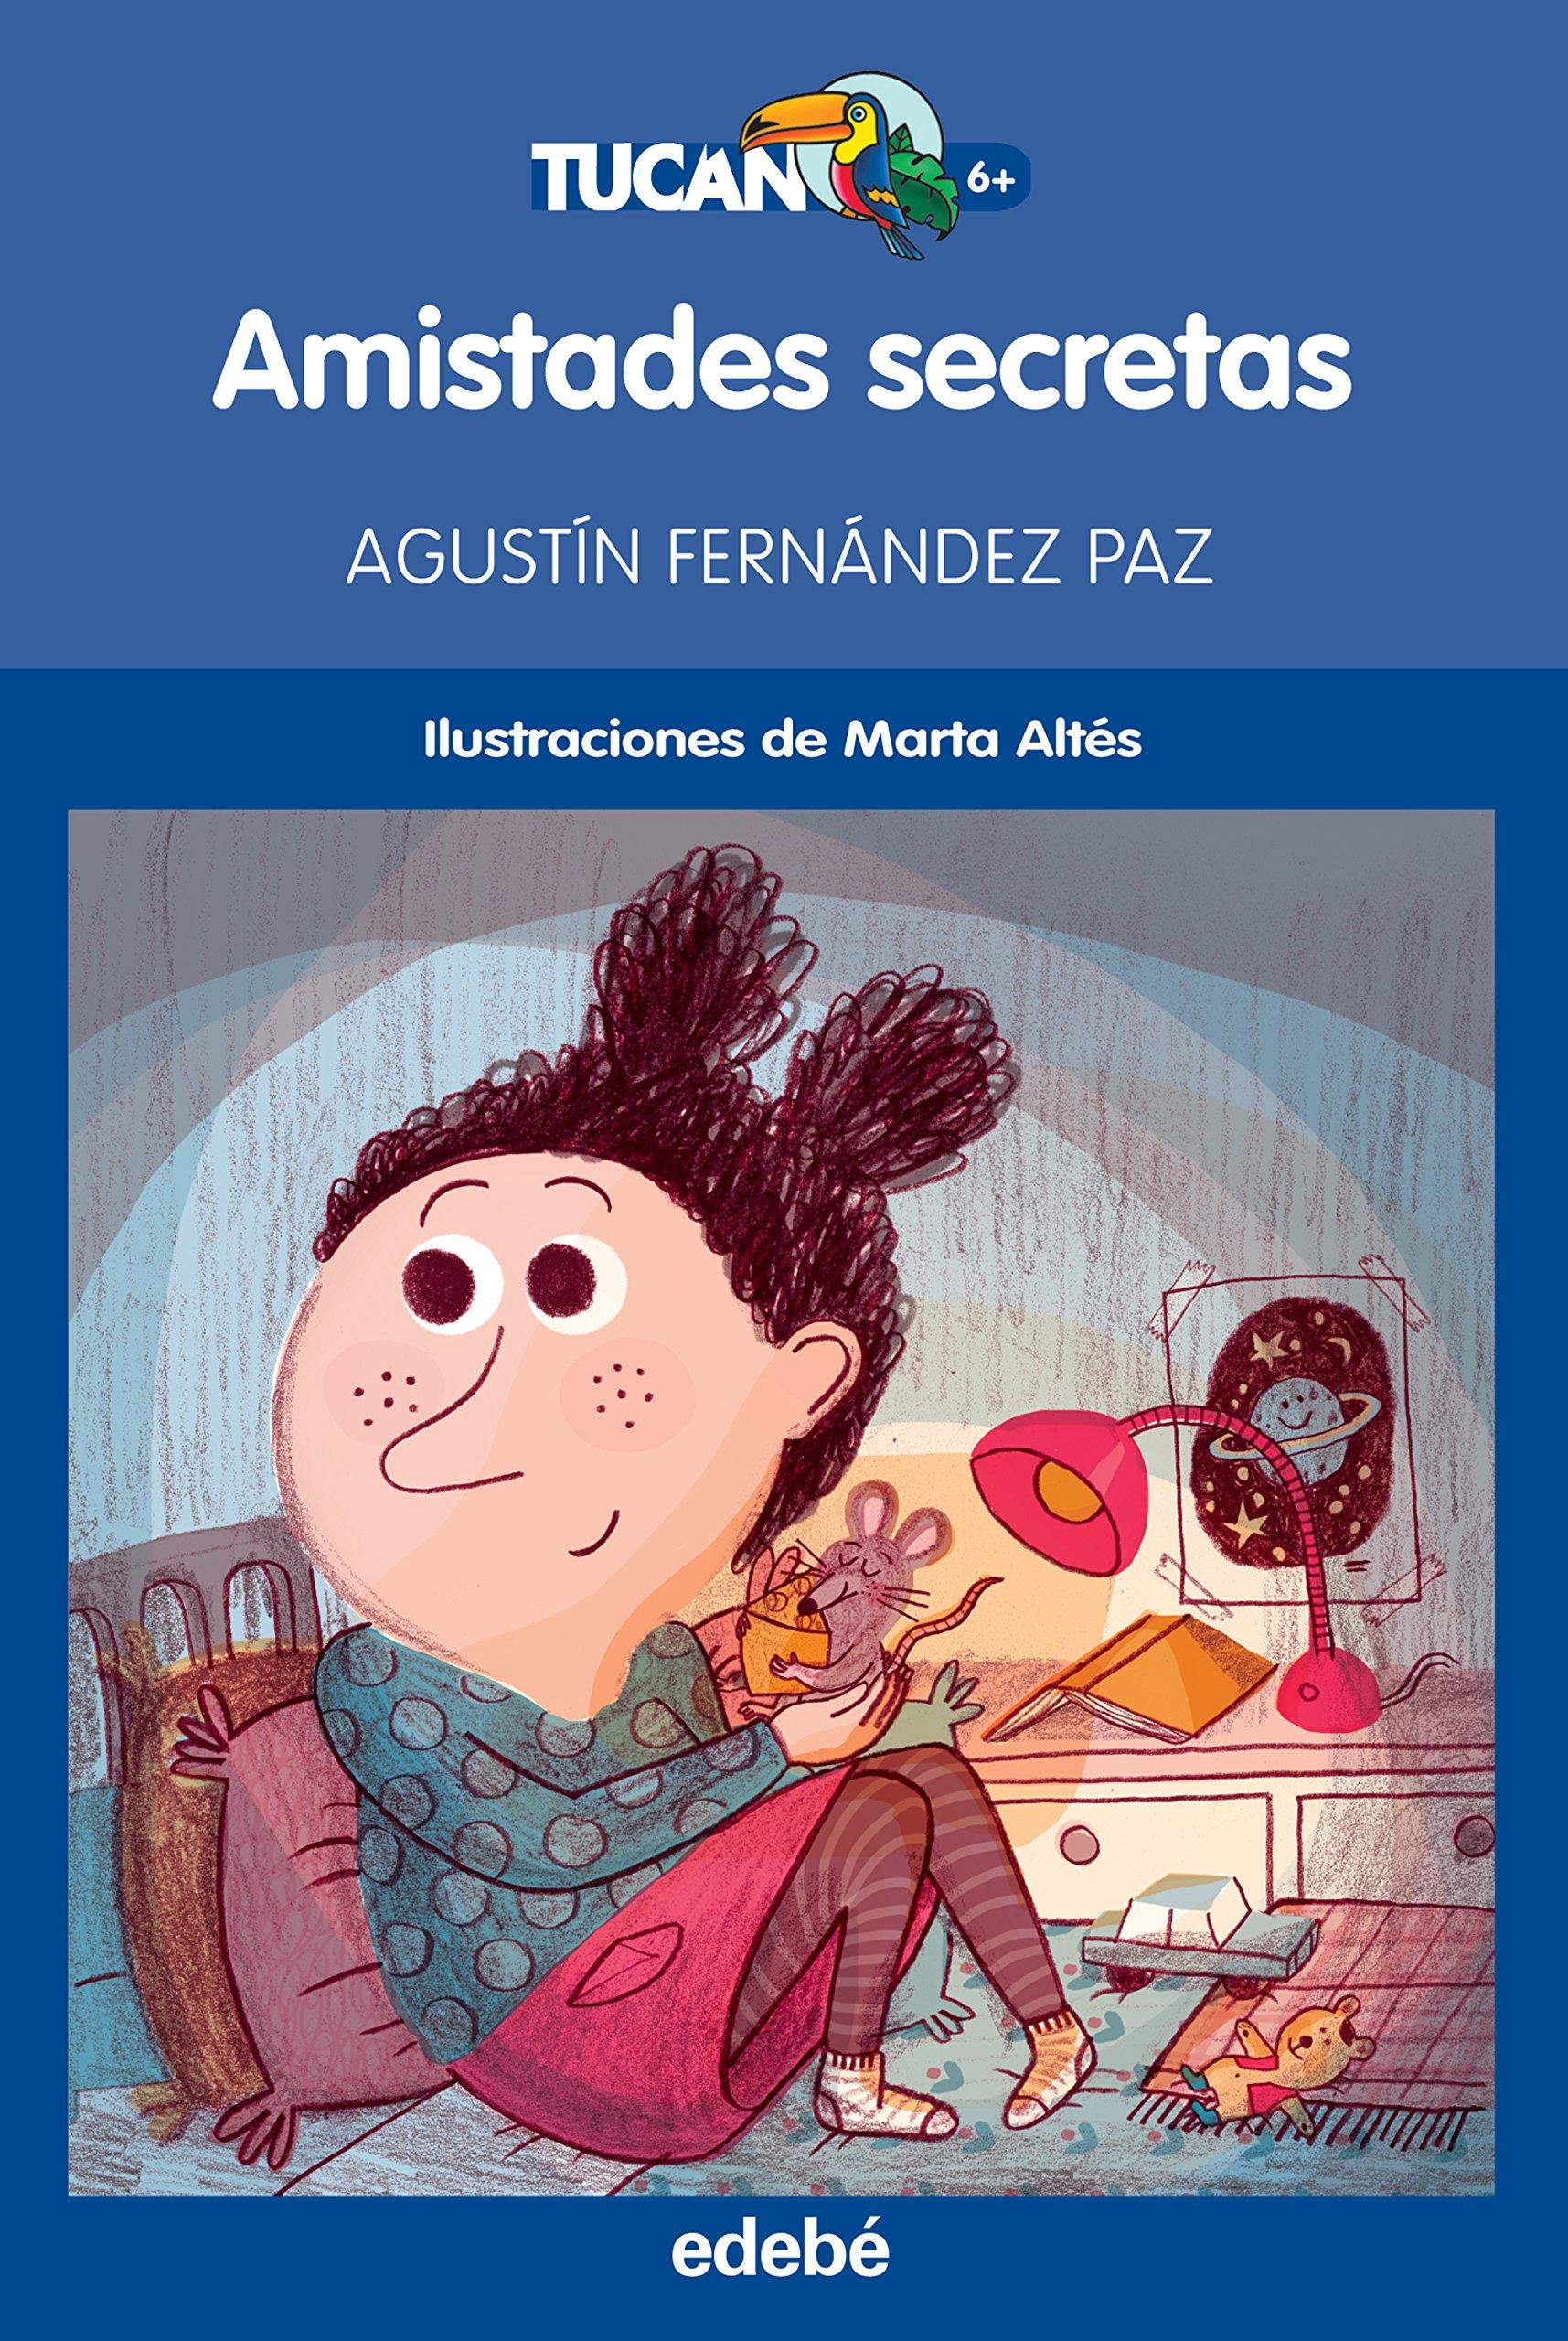 Amistades secretas (Spanish Edition) ebook